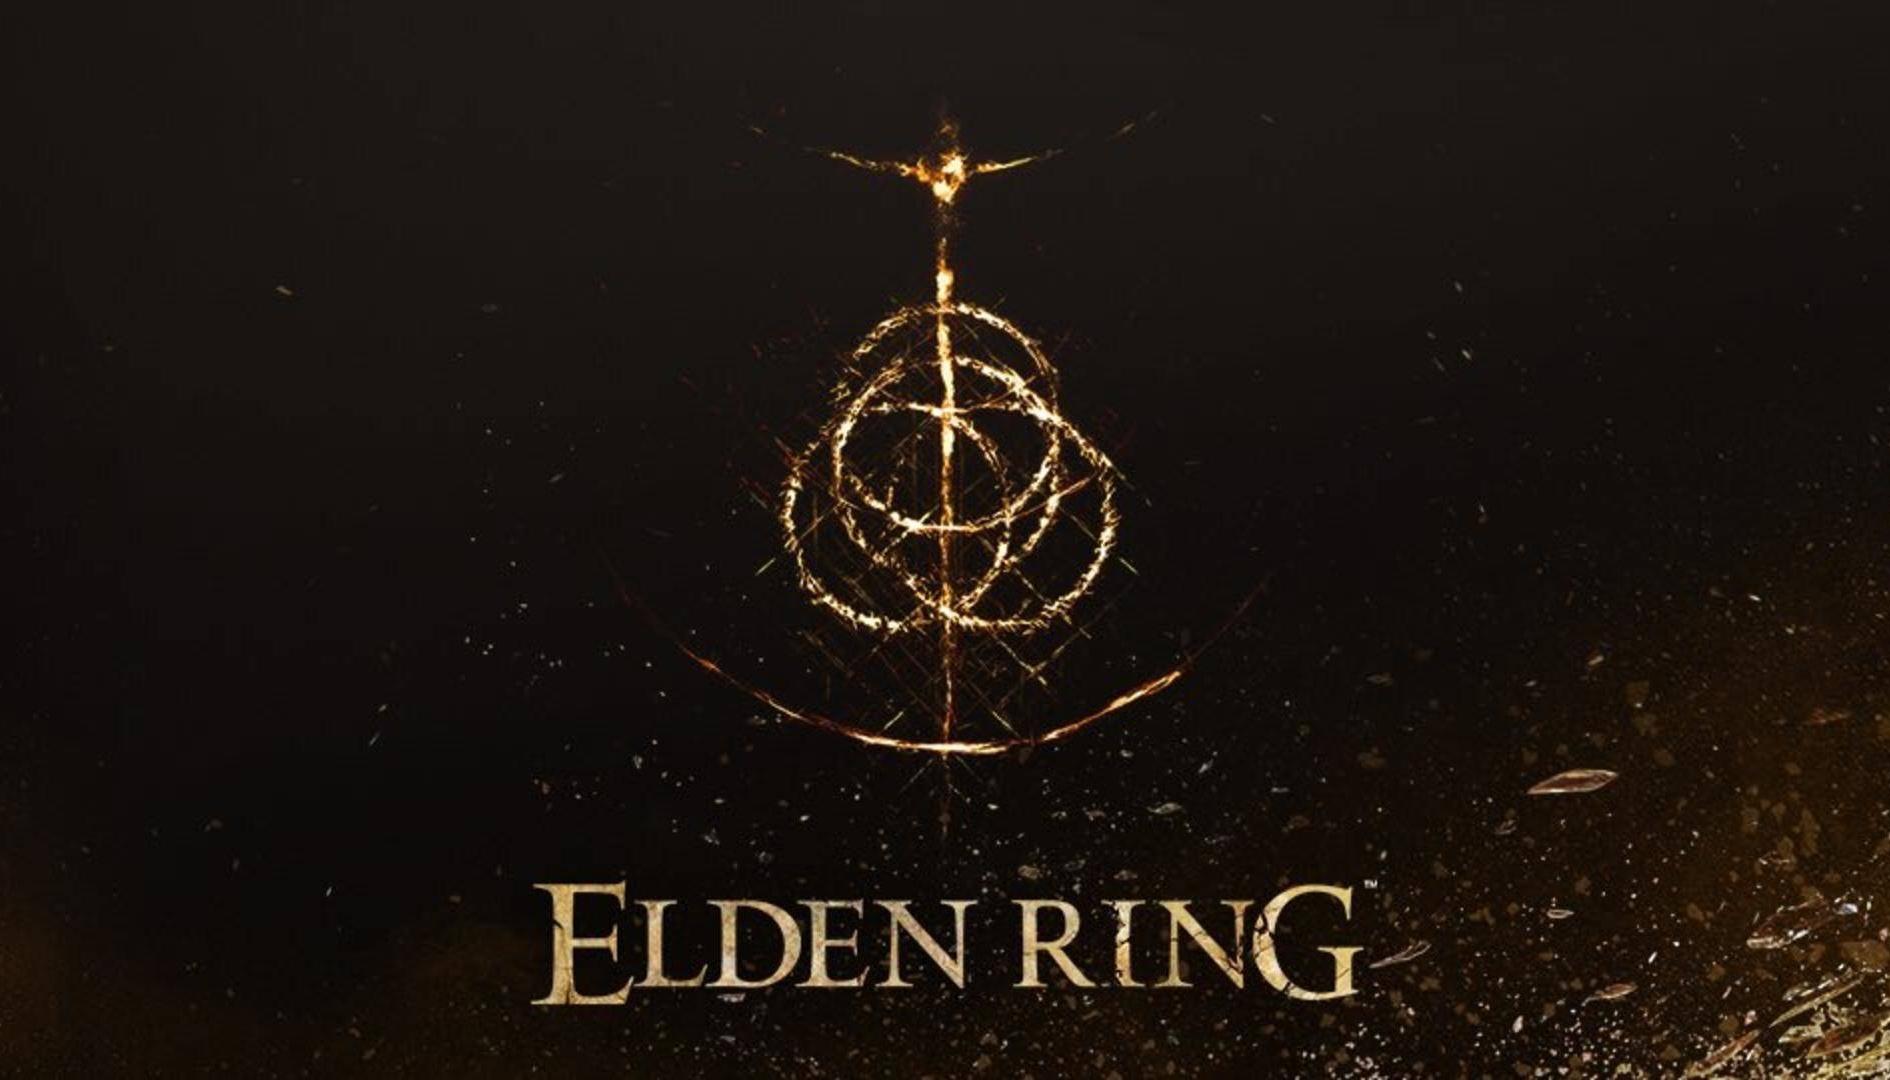 Elden Ring: il nuovo trailer sta girando in rete, lo vedremo presto?